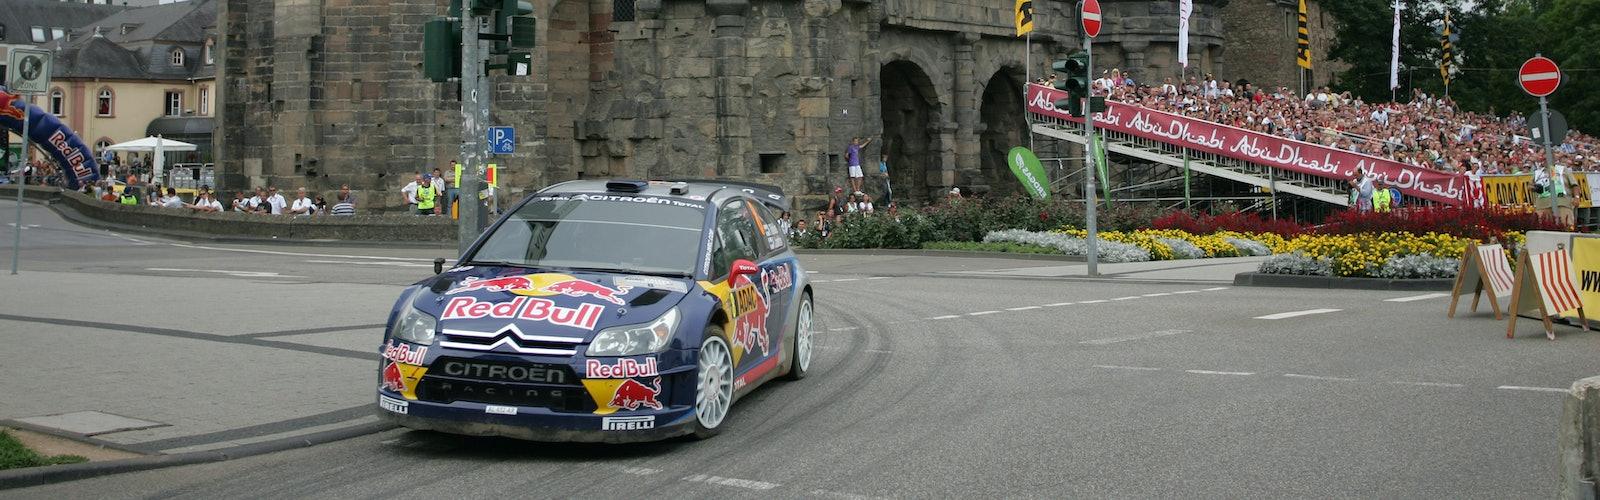 Rallye Deutschland, Trier 19-22 08 2010